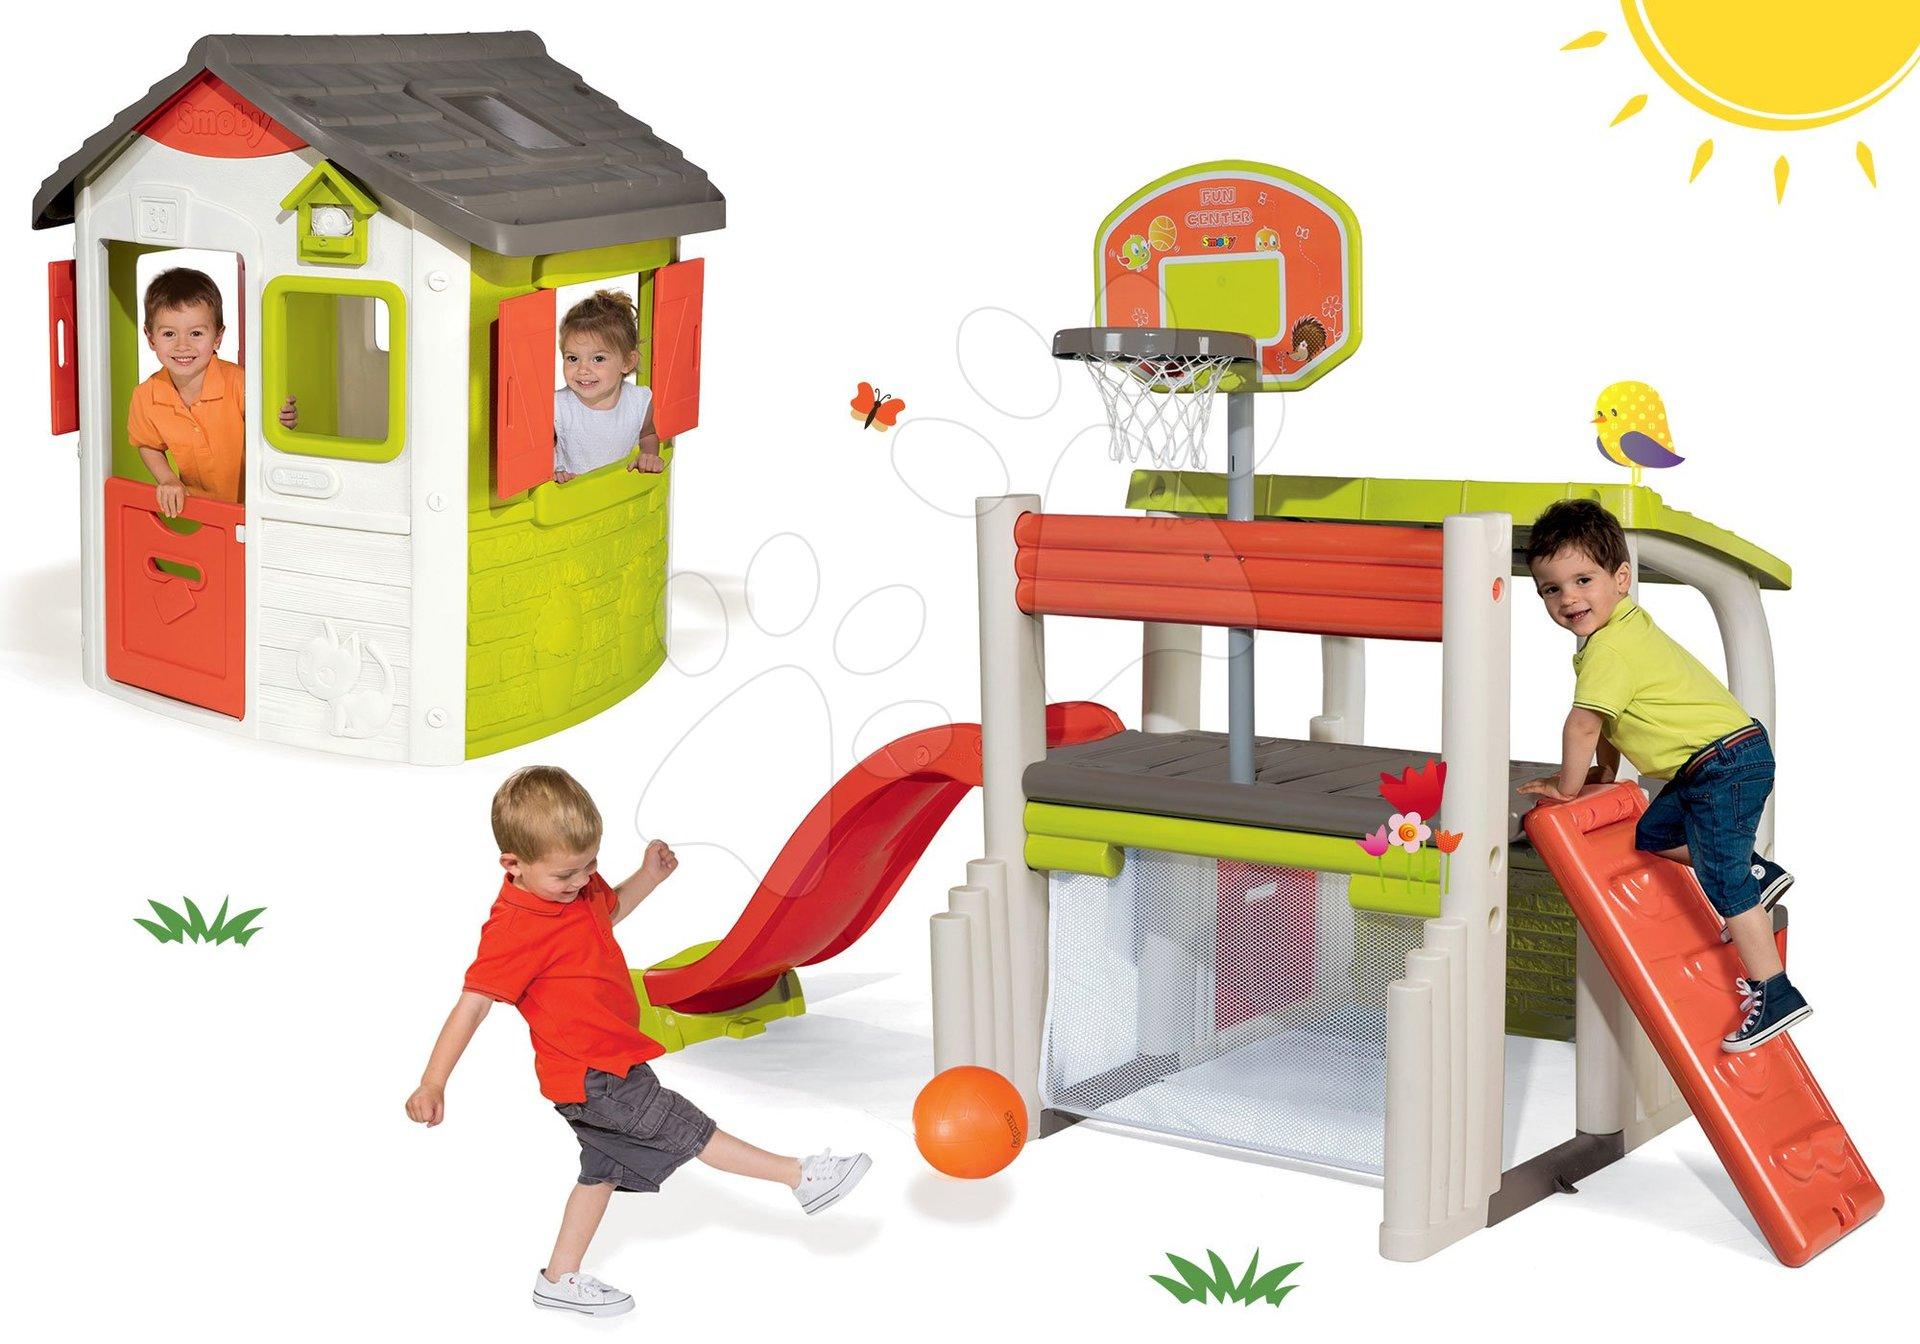 Hracie centrá - Set hracie centrum Fun Center Smoby so šmykľavkou dlhou 150 cm a domček Jura Lodge od 24 mes